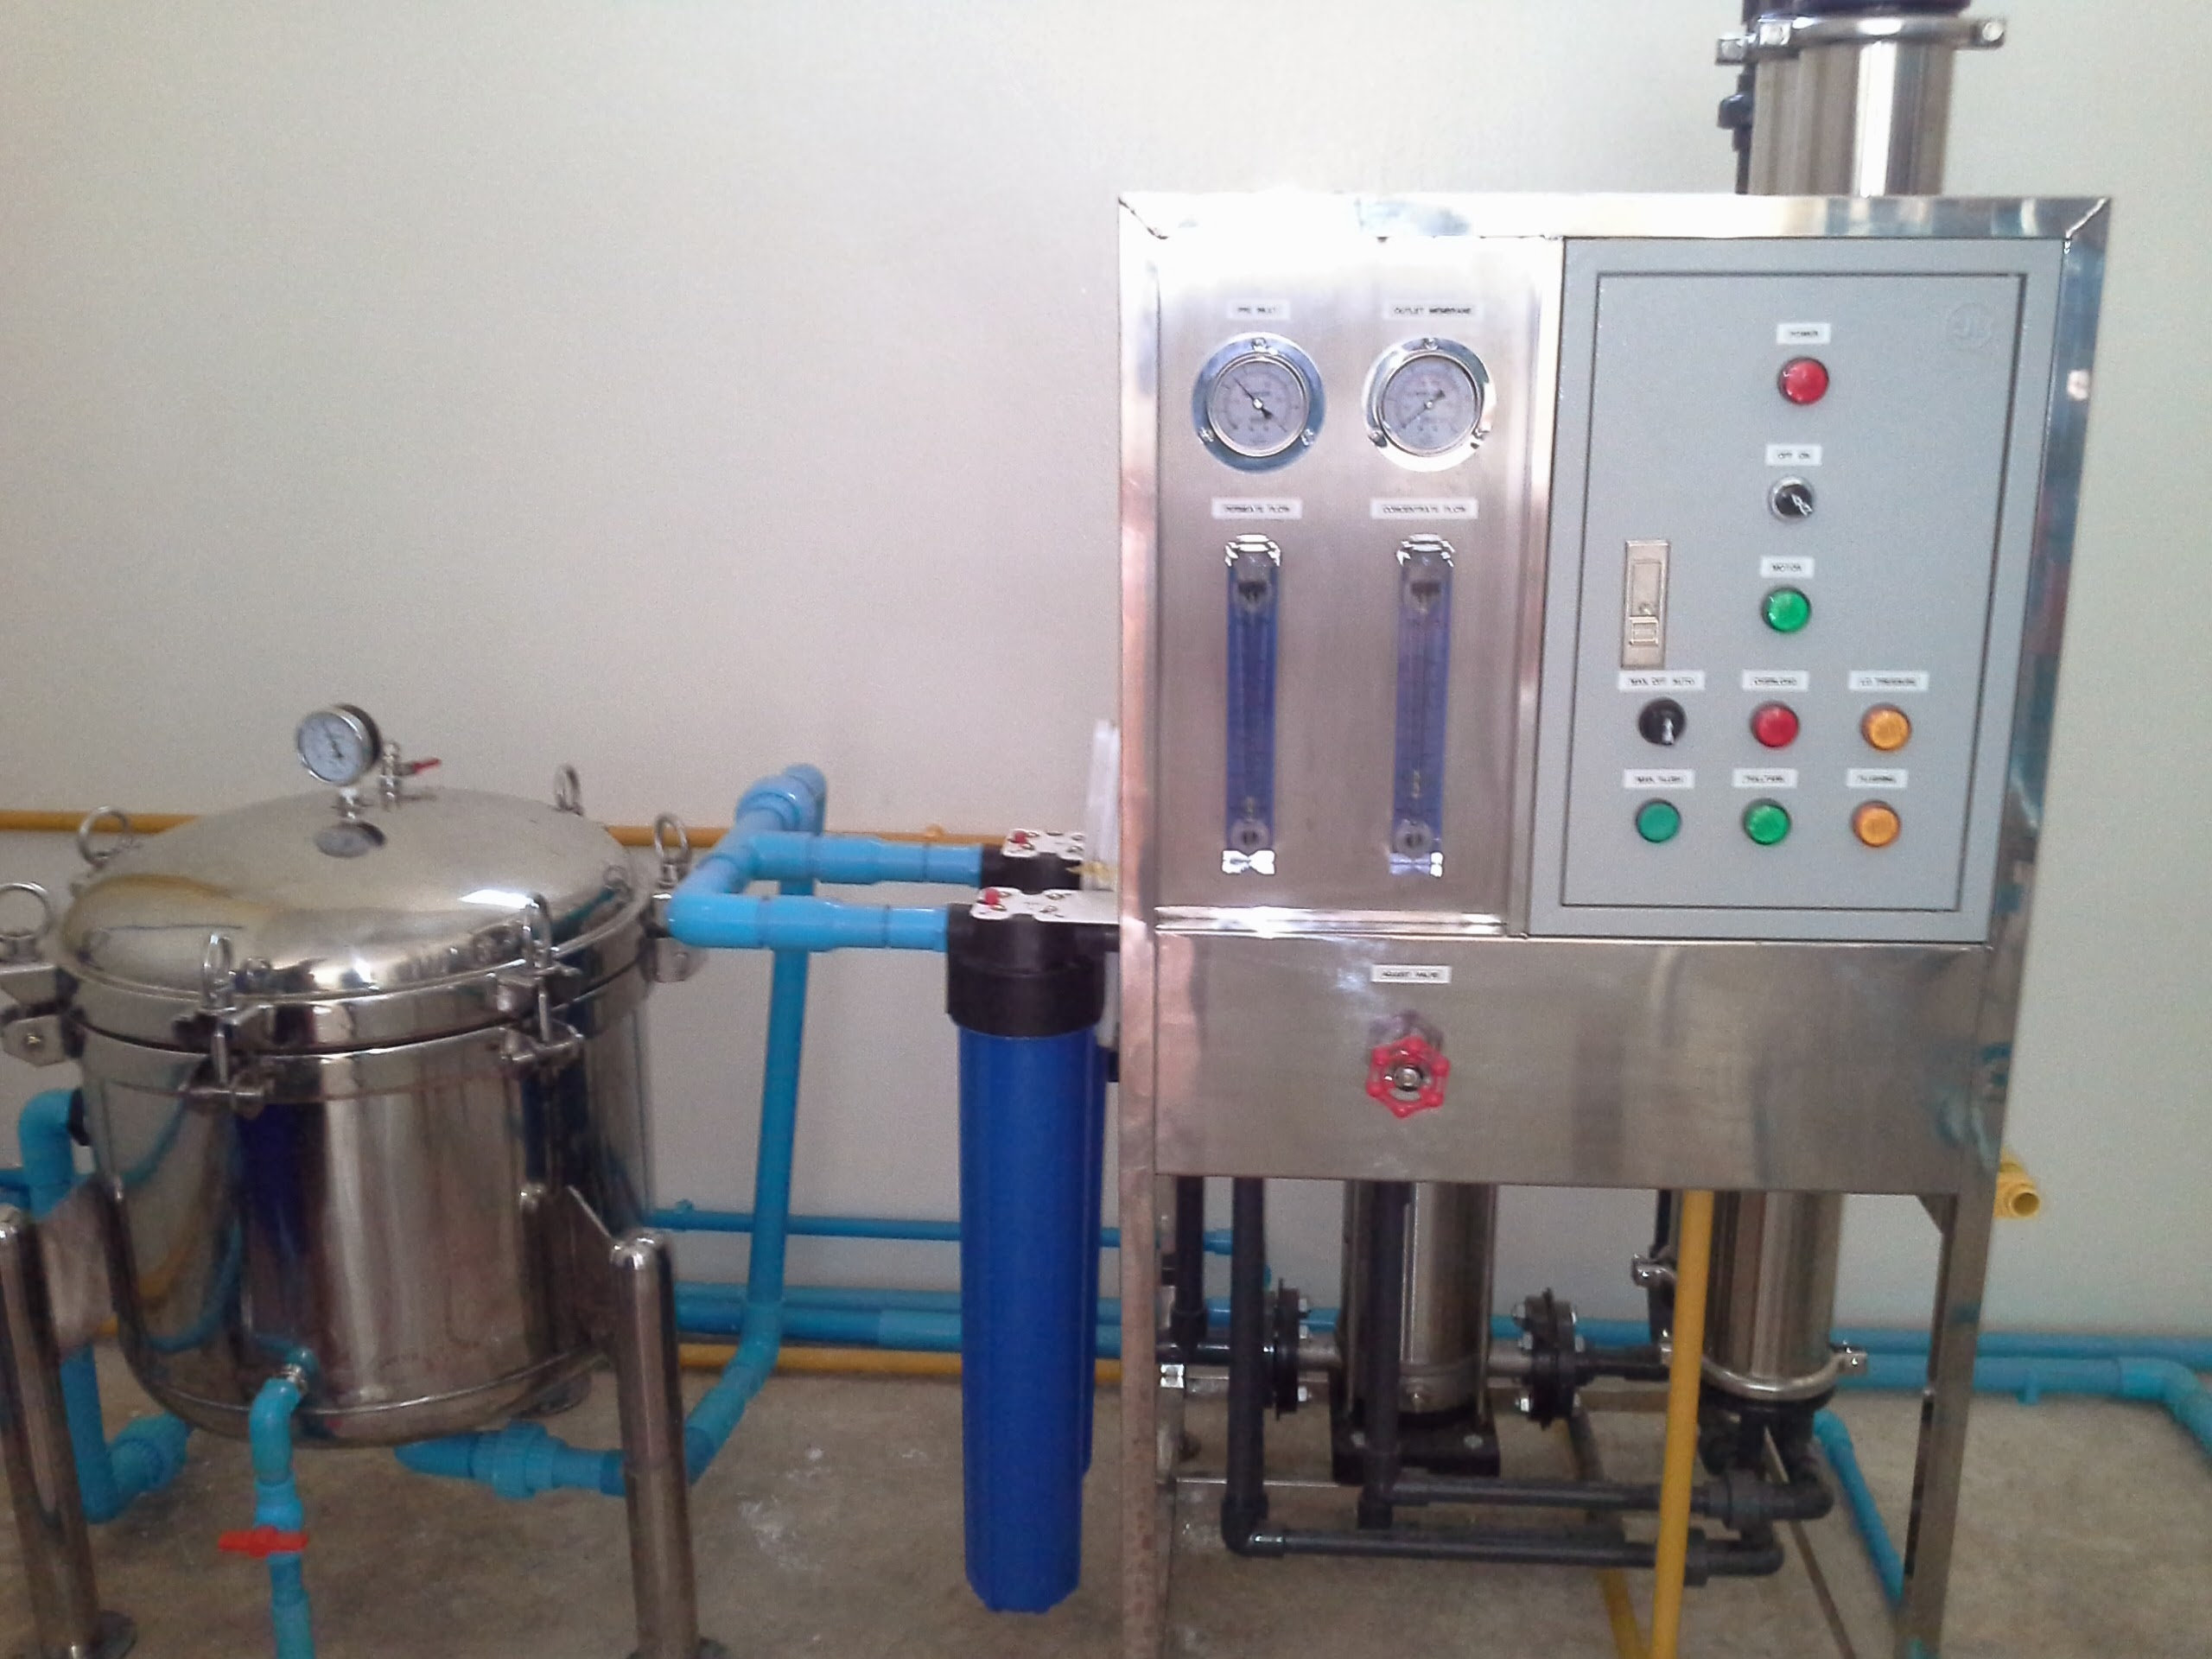 รับติดต้ั้งโรงงานน้ำดื่ม RO 12,000 ลิตร/วัน พร้อมอุปกรณ์ทั้งระบบครบชุด